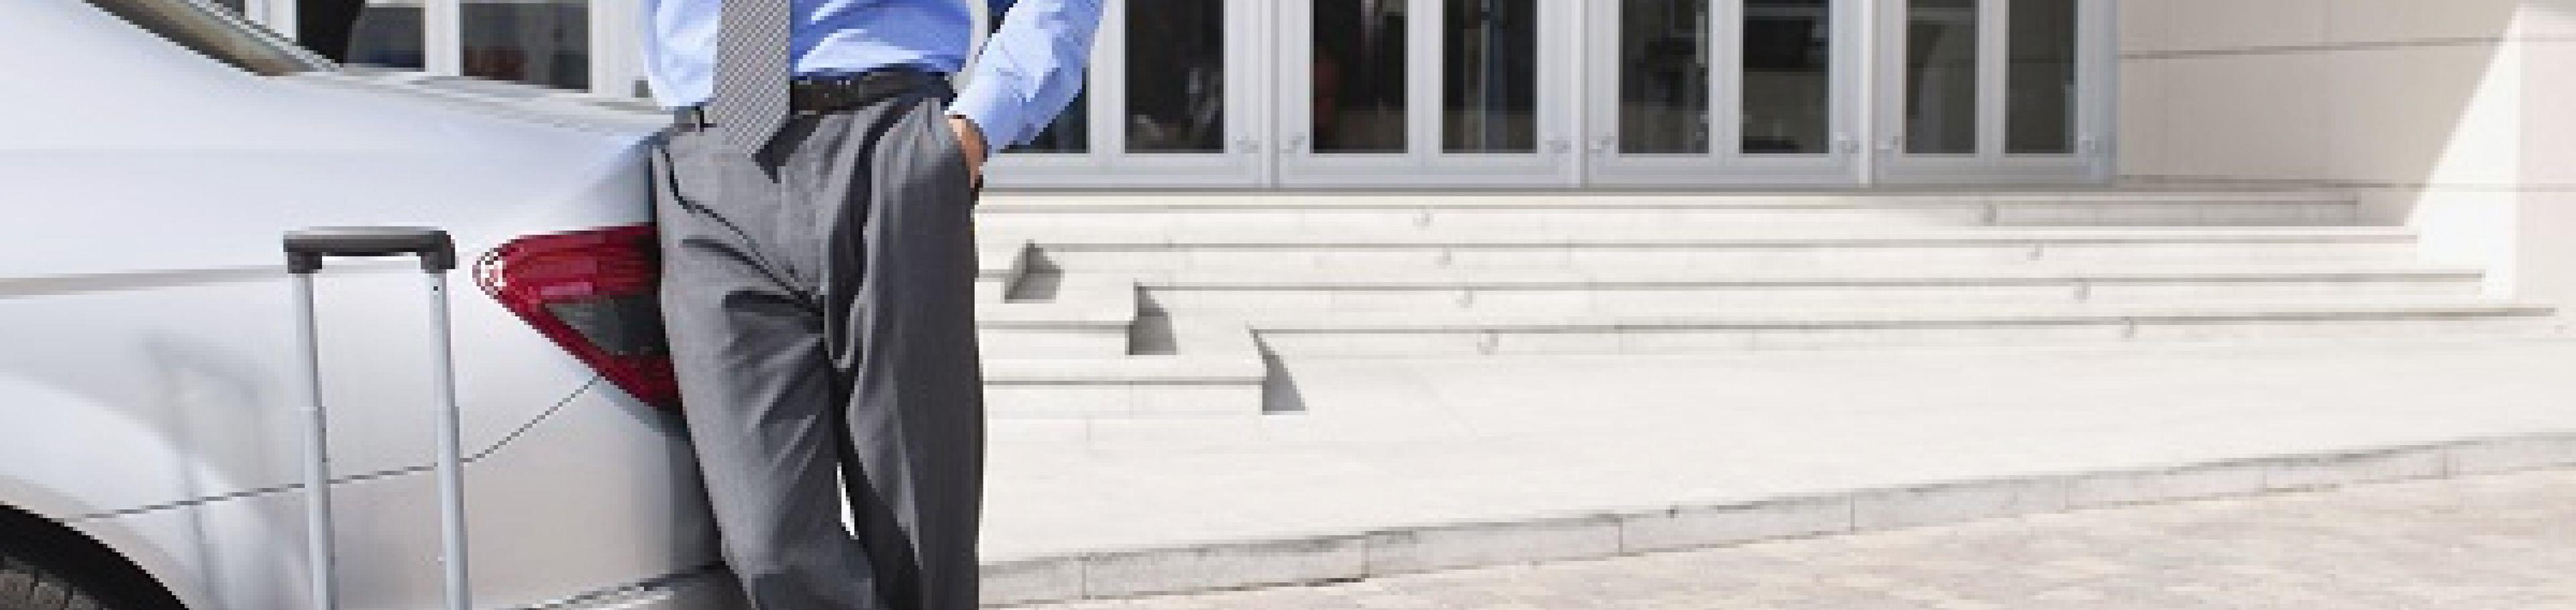 Außendienst Termine - einfach, entfernungsoptimiert vereinbart